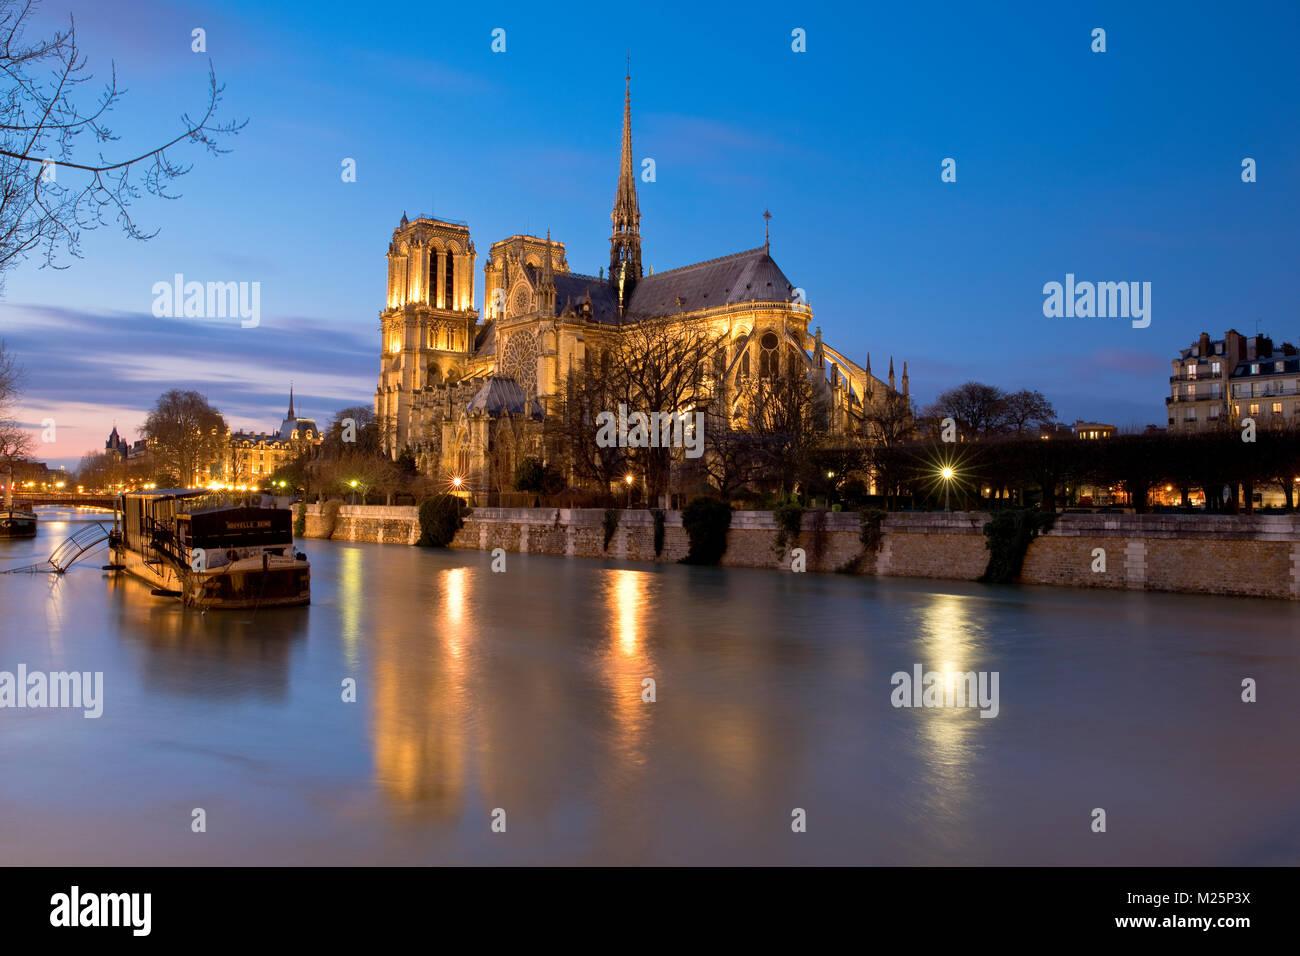 Überschwemmungen des Flusses Seine in der Nähe von Notre-Dame de Paris, Île de la Cité, Frankreich Stockbild